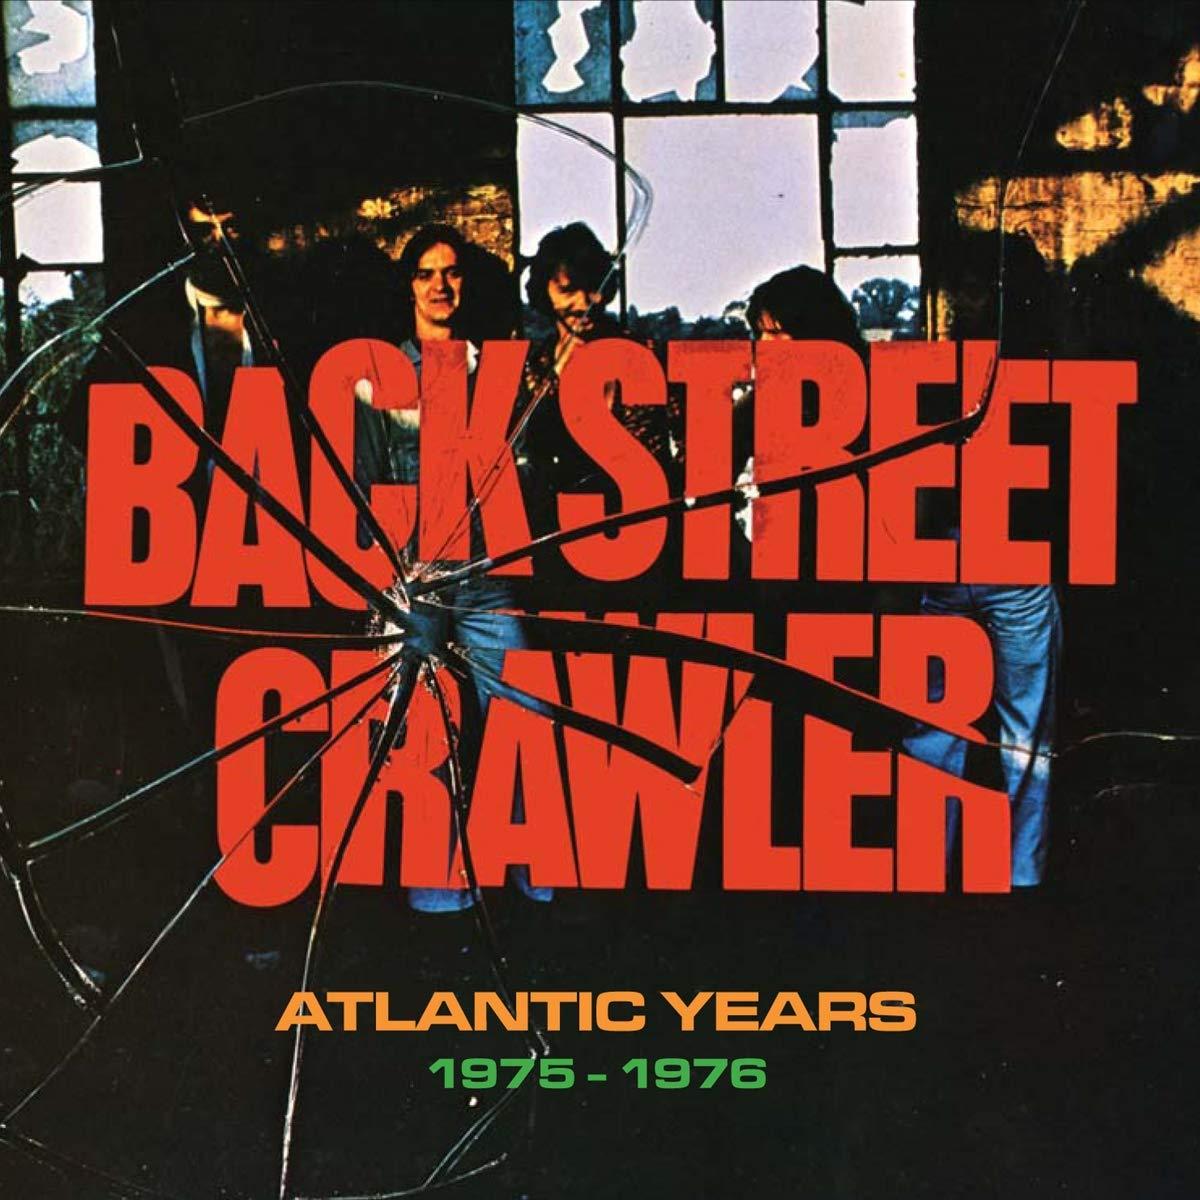 Backstreet Crawler - Atlantic Years 1975-1976 (2020) [FLAC] Download